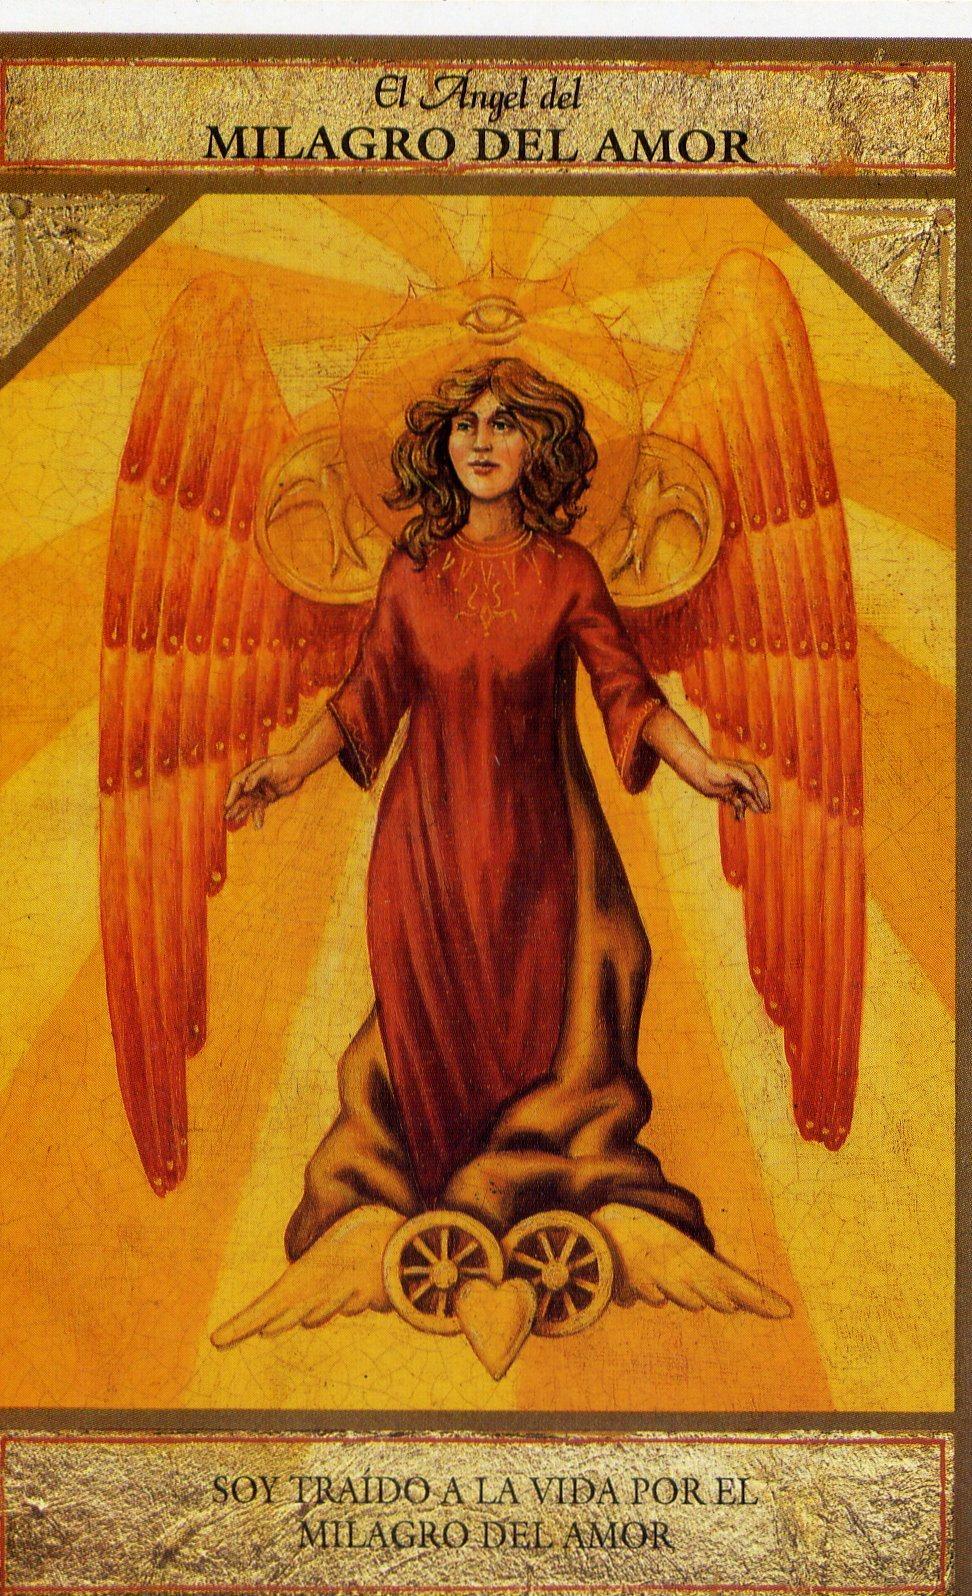 el angel del milagro del amor